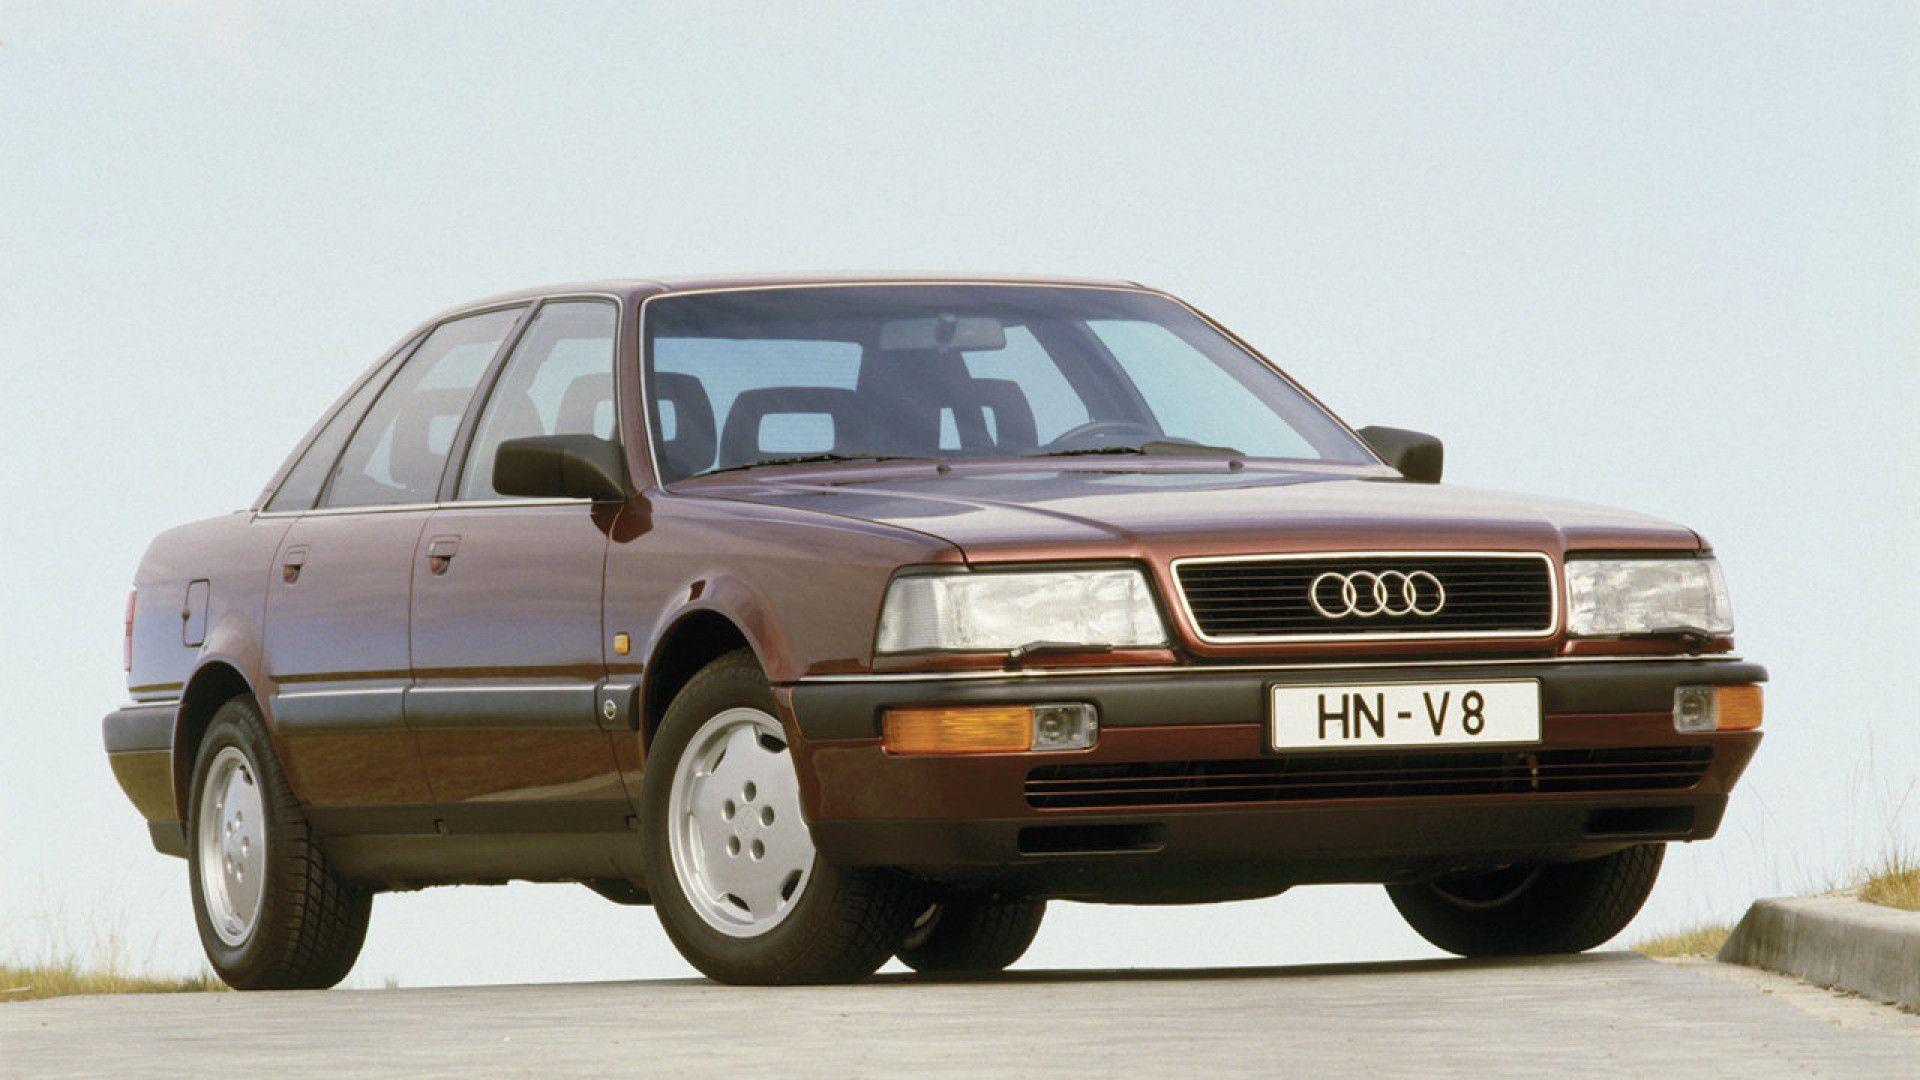 Kelebihan Kekurangan Audi V8 Harga